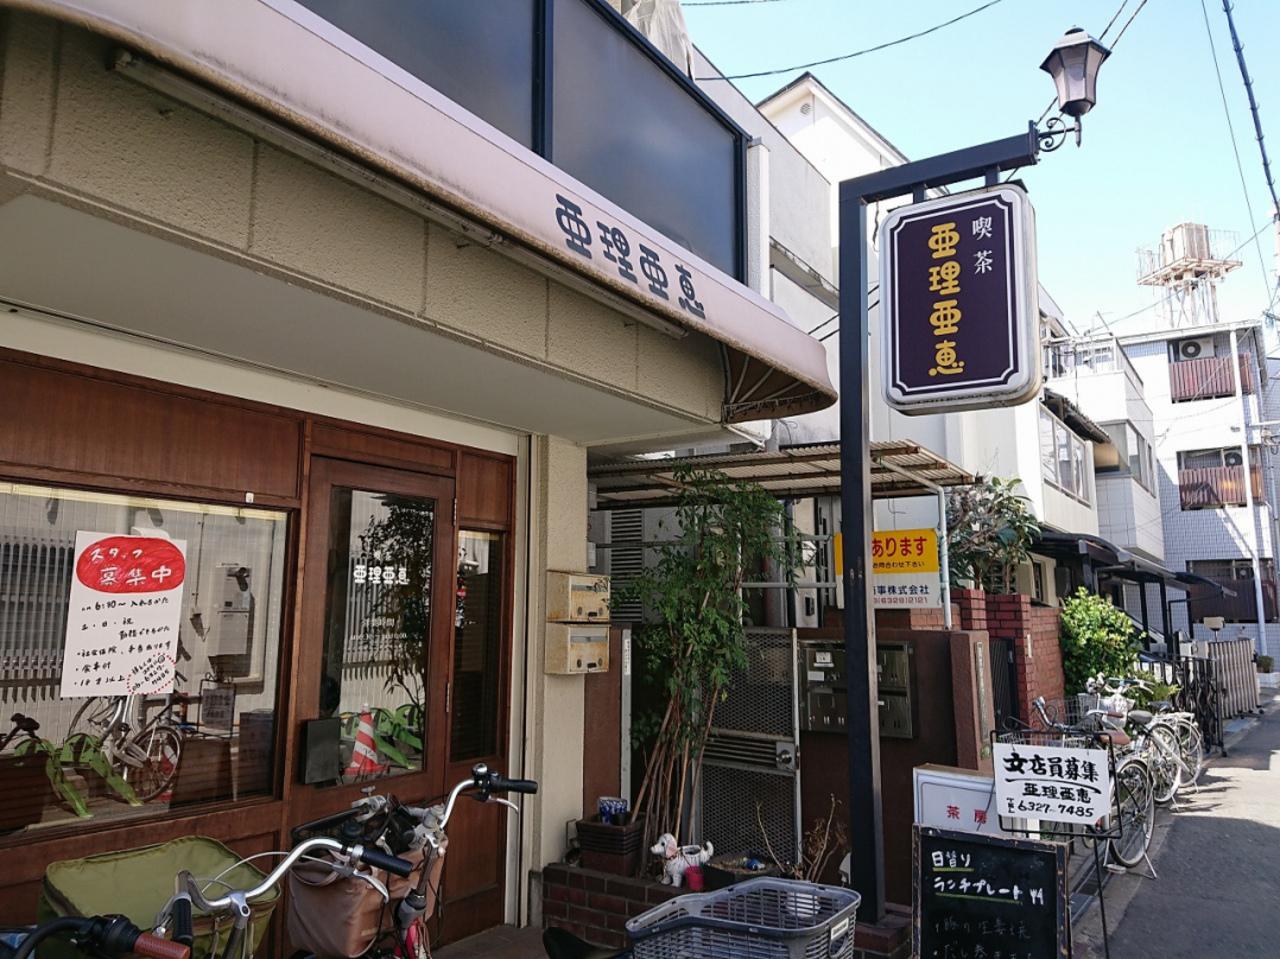 上新庄駅南口より徒歩数秒の喫茶店『亜理亜恵上新庄駅前店』。。。